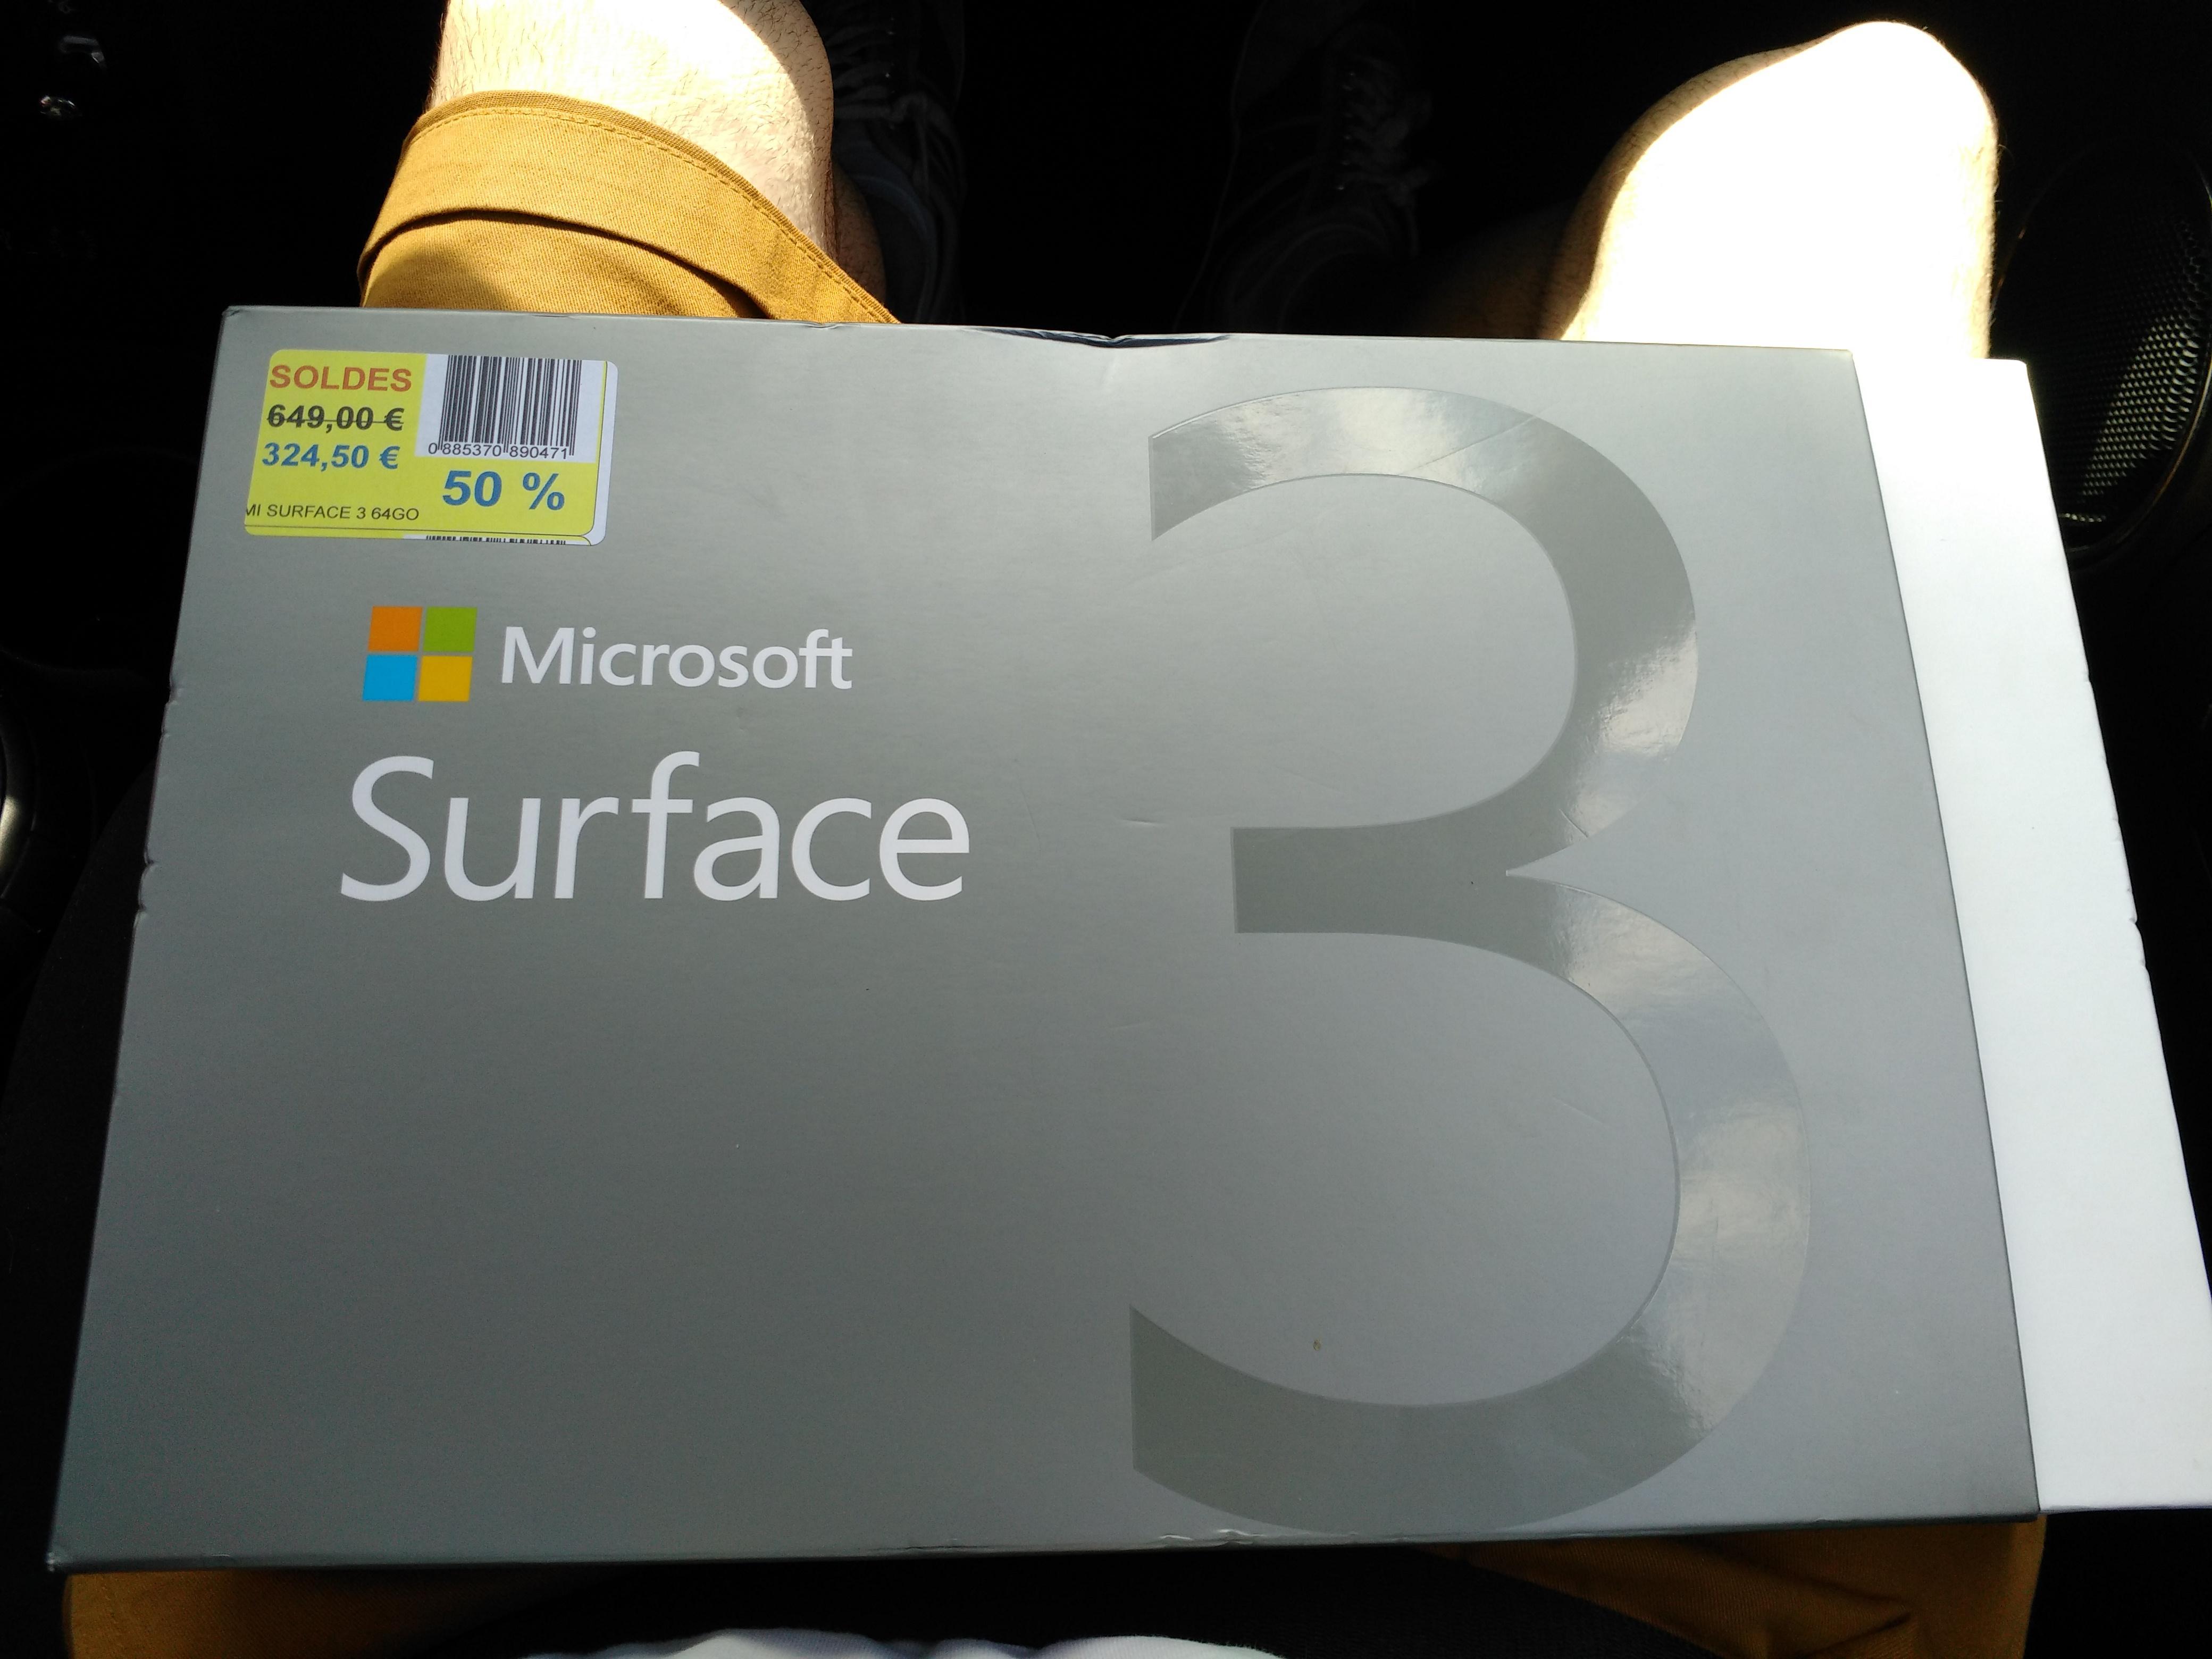 Tablette Microsoft surface 3 (64 Go / 2 Go Ram)